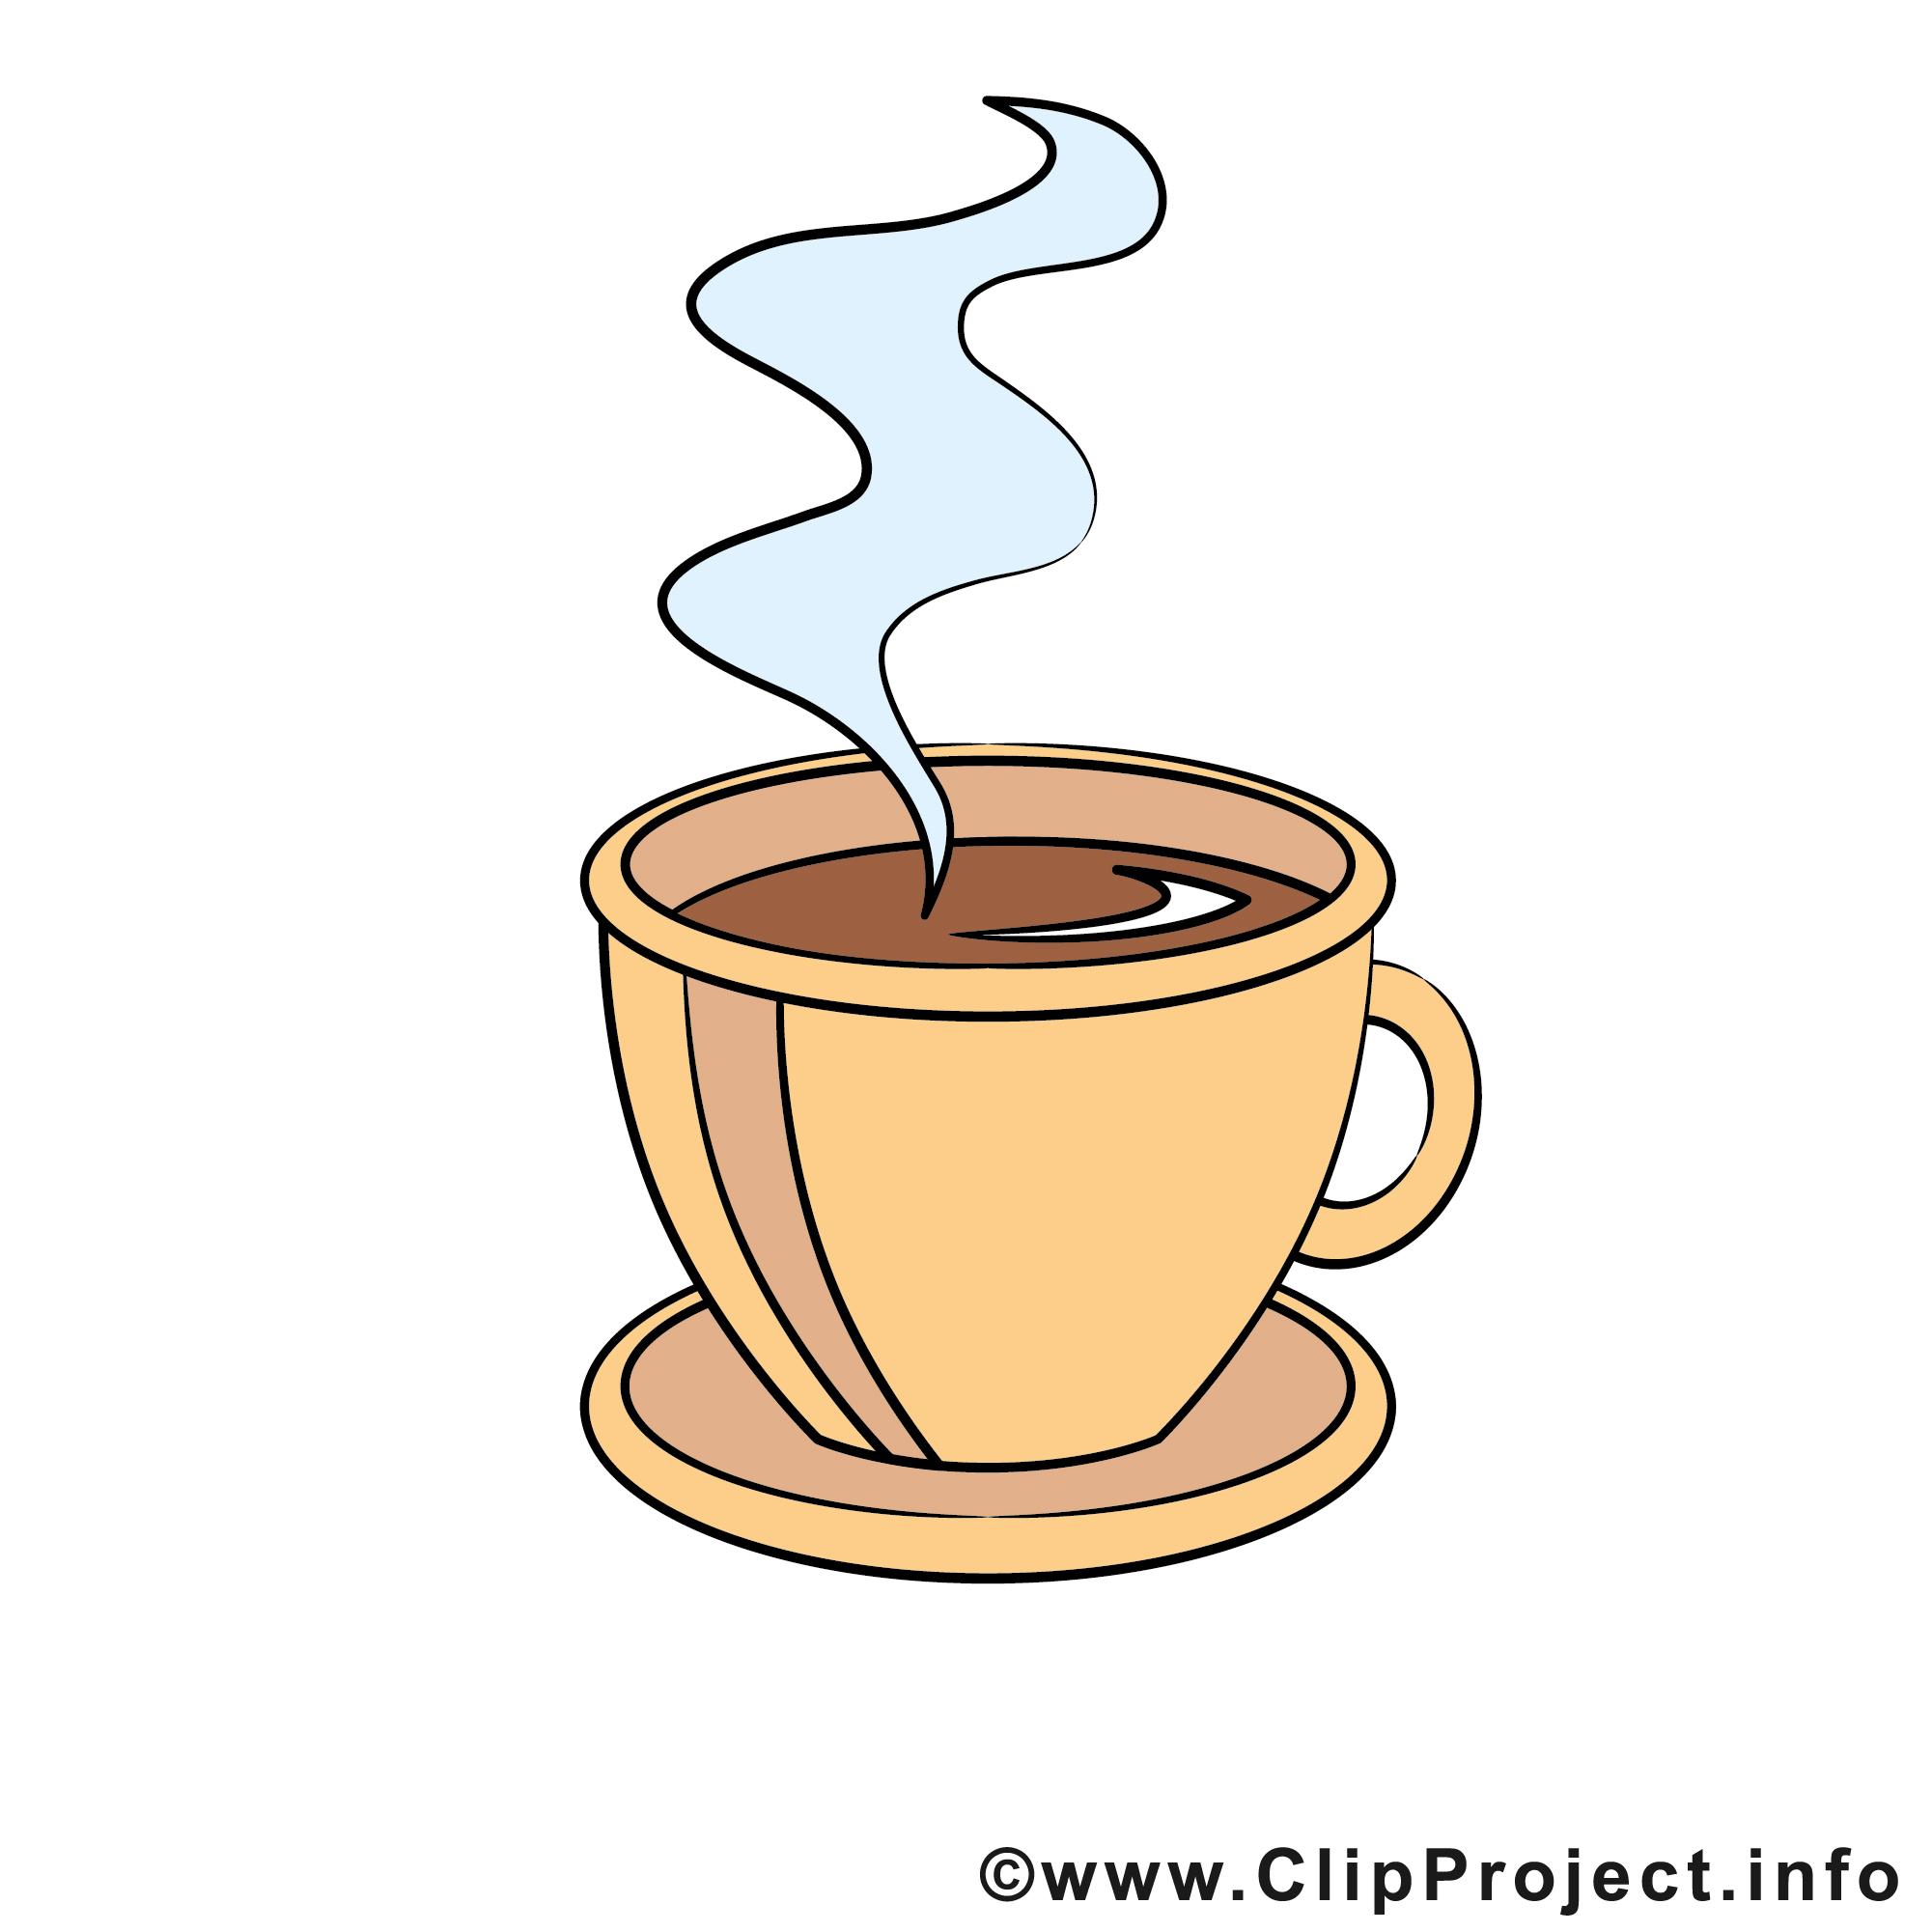 Caf dessin gratuit t l charger divers dessin picture image graphic clip art t l charger - Dessin a telecharger ...